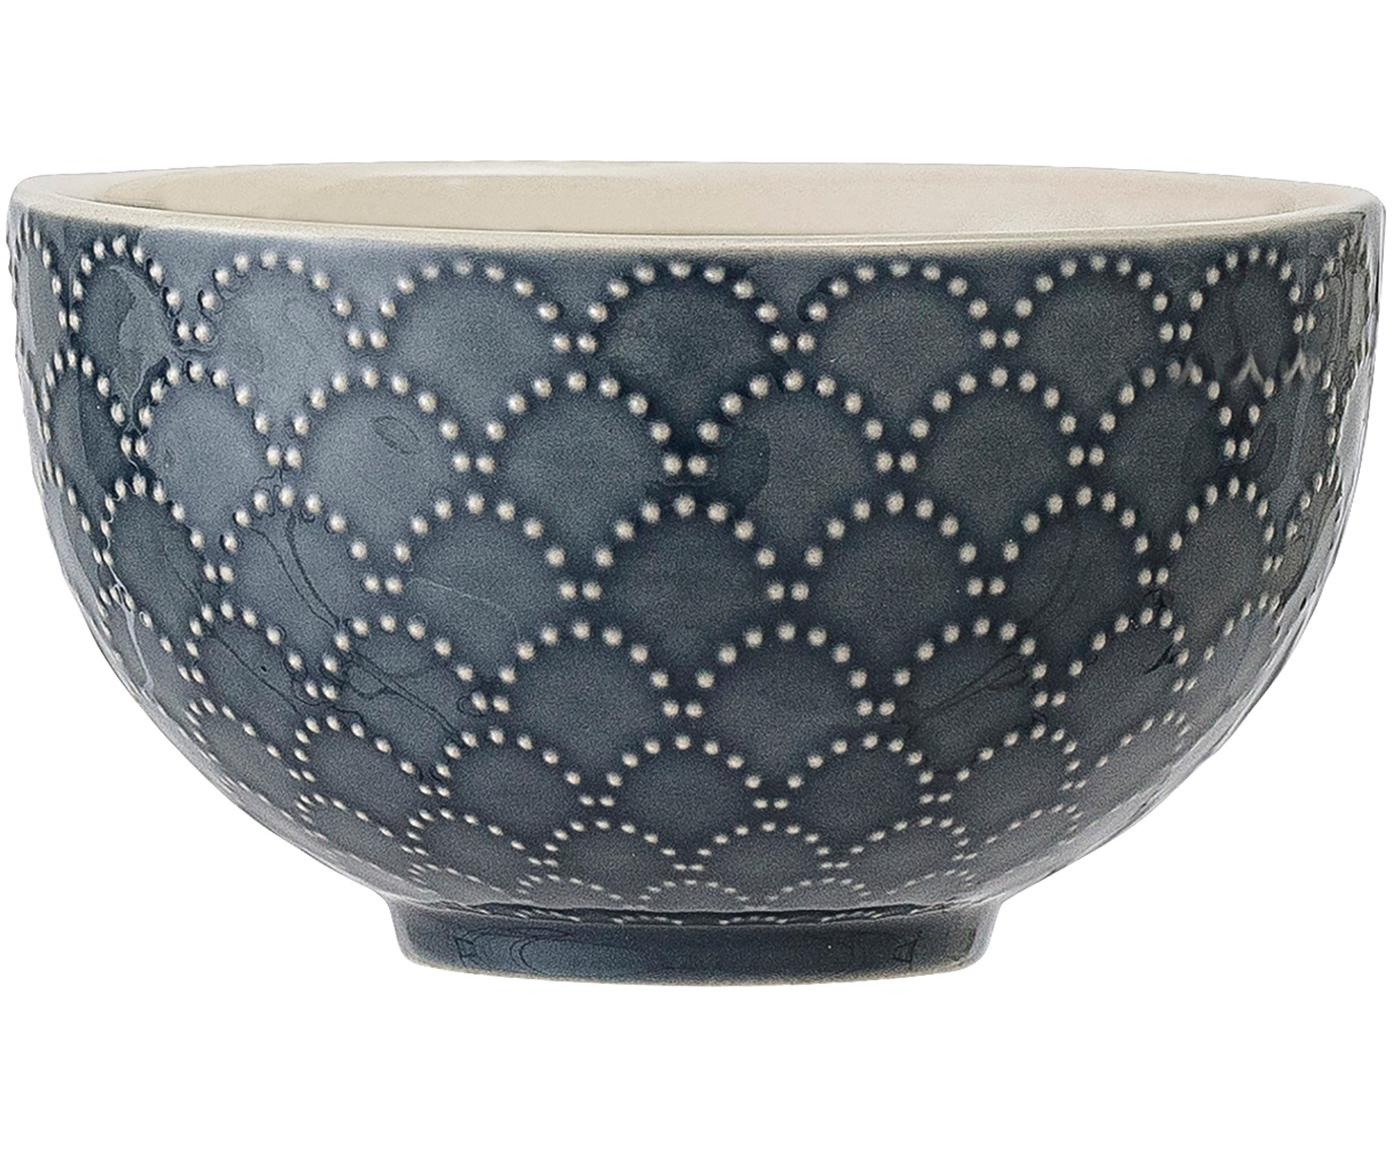 Gemusterte Schälchen Naomi in Dunkelblau, 4 Stück, Steingut, Blau, Weiß, Ø 12 x H 7 cm